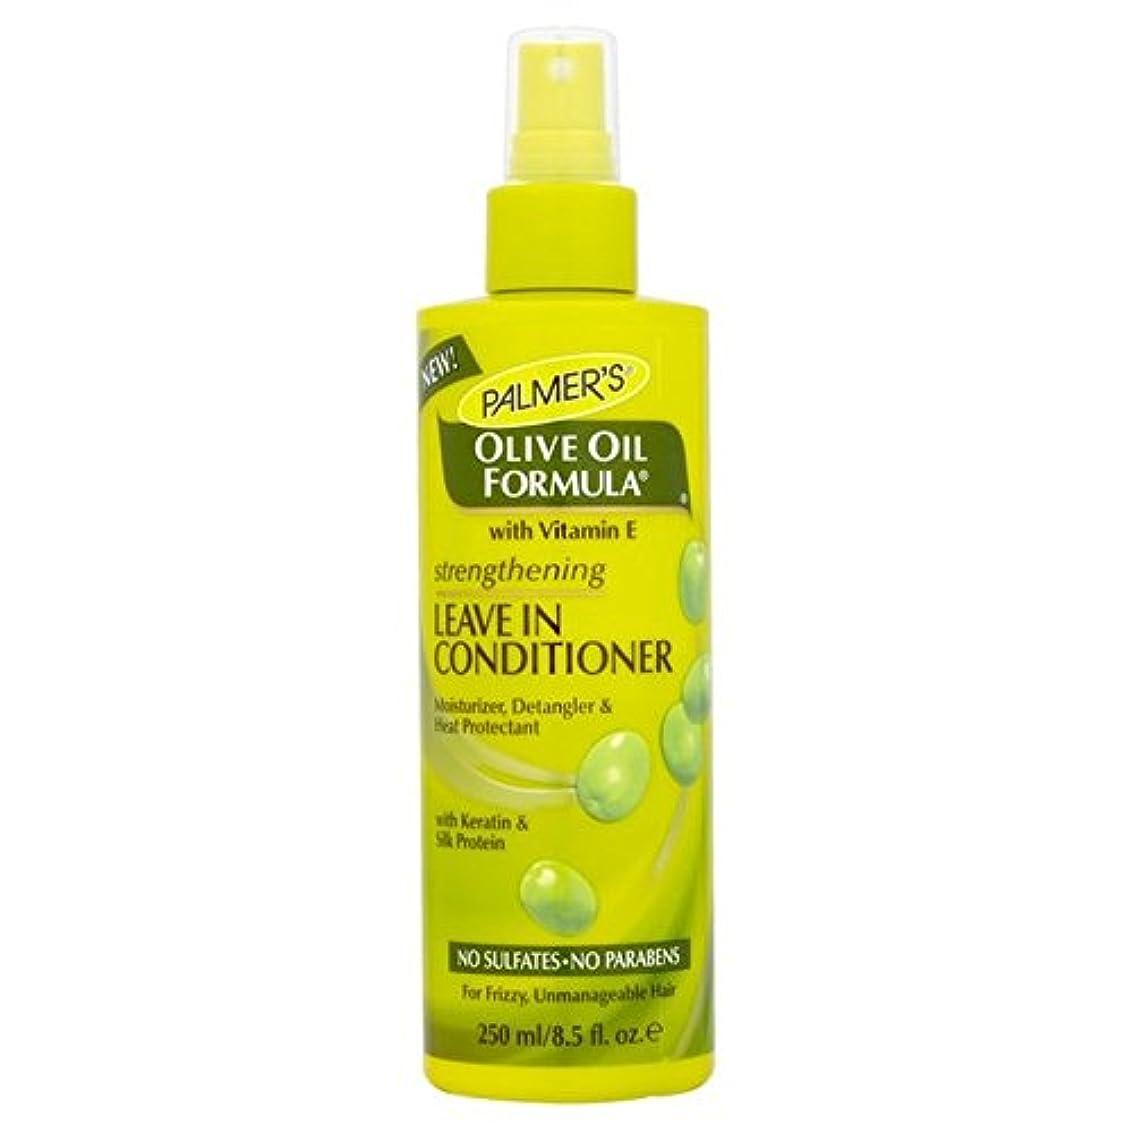 枯渇口径無限大リーブインコンディショナー250を強化パーマーのオリーブオイル式 x2 - Palmer's Olive Oil Formula Strengthening Leave-in Conditioner 250ml (Pack...